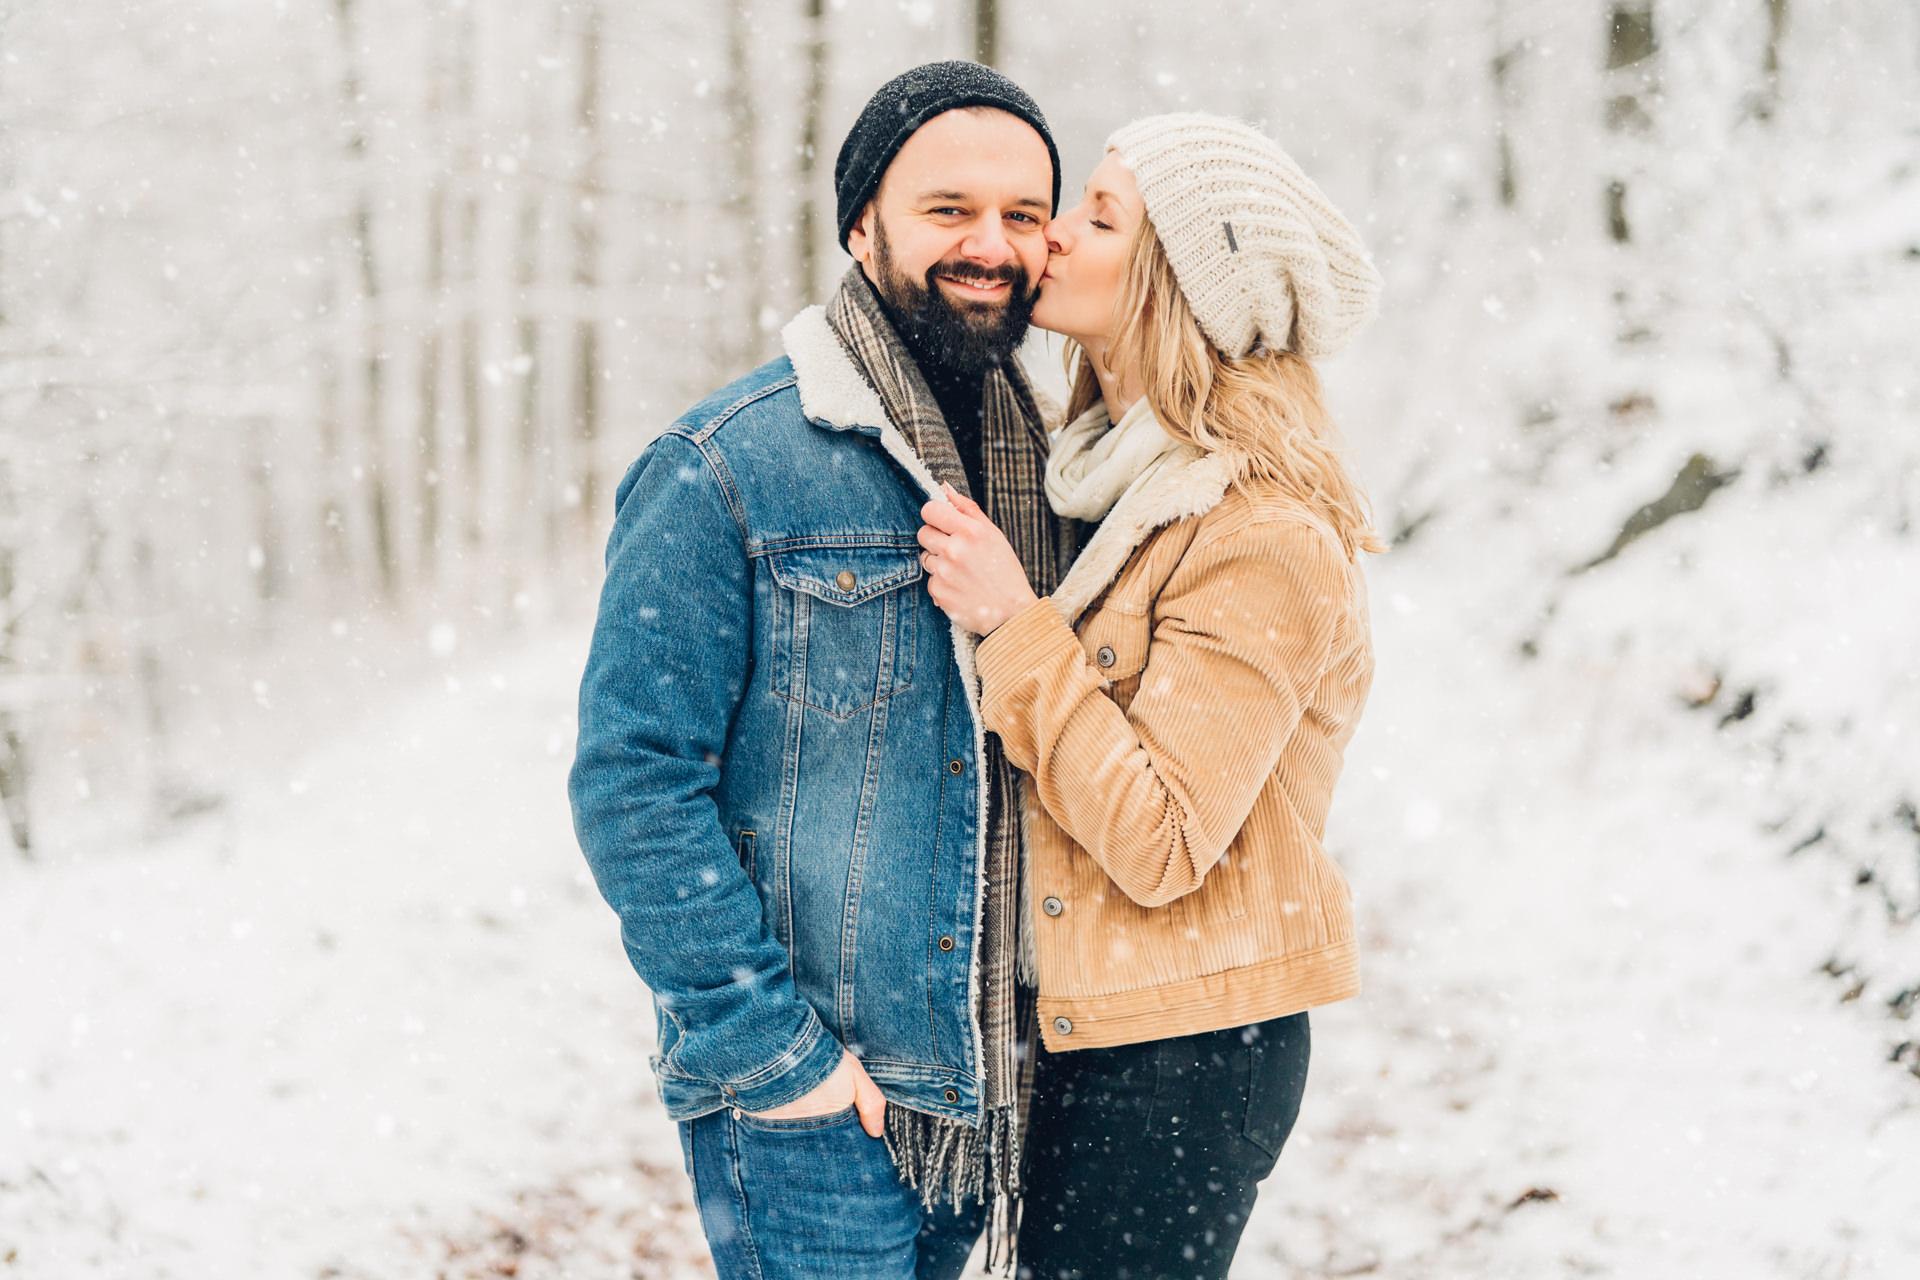 Winter Verlobungsfotos im Schnee in Rheinland-Pfalz